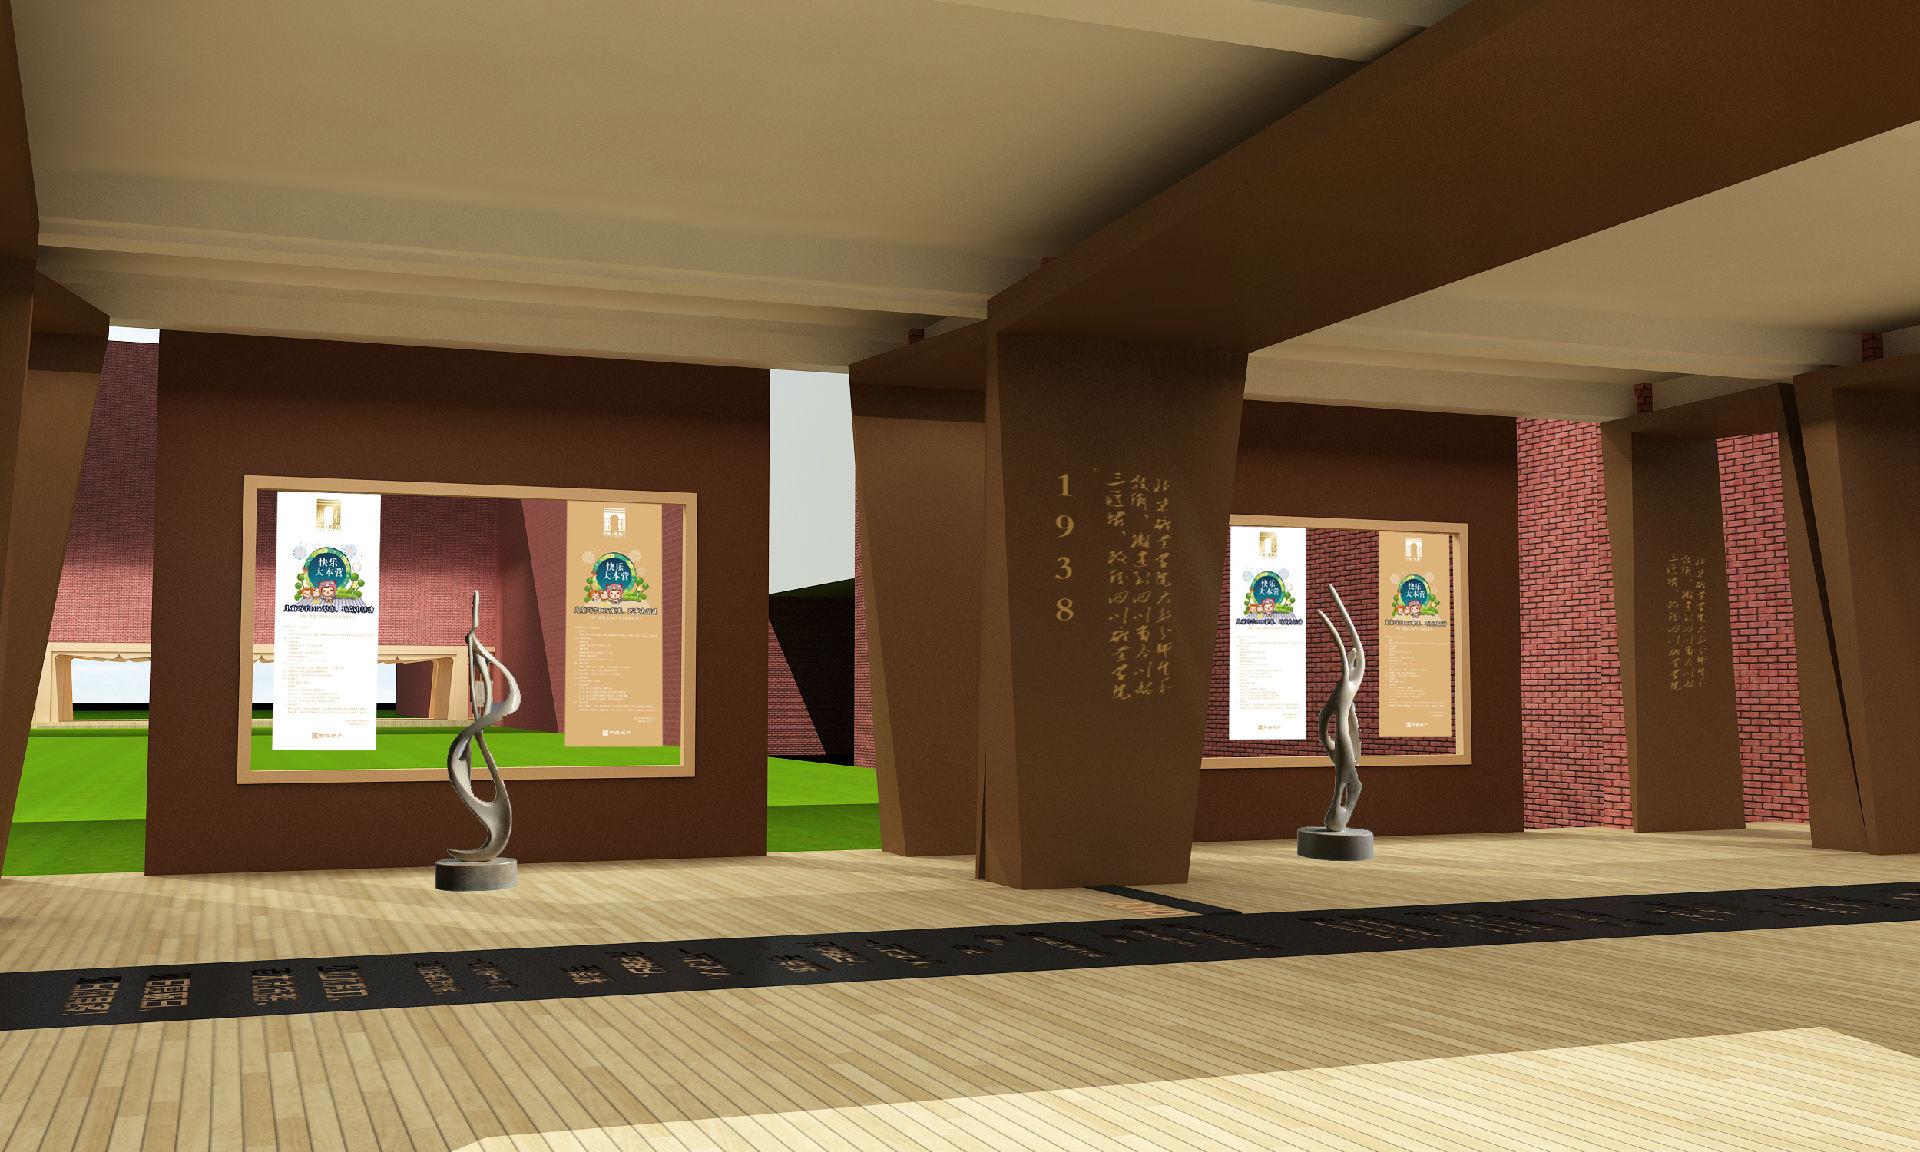 不一样的主题展——中国矿业大学校园文化建设